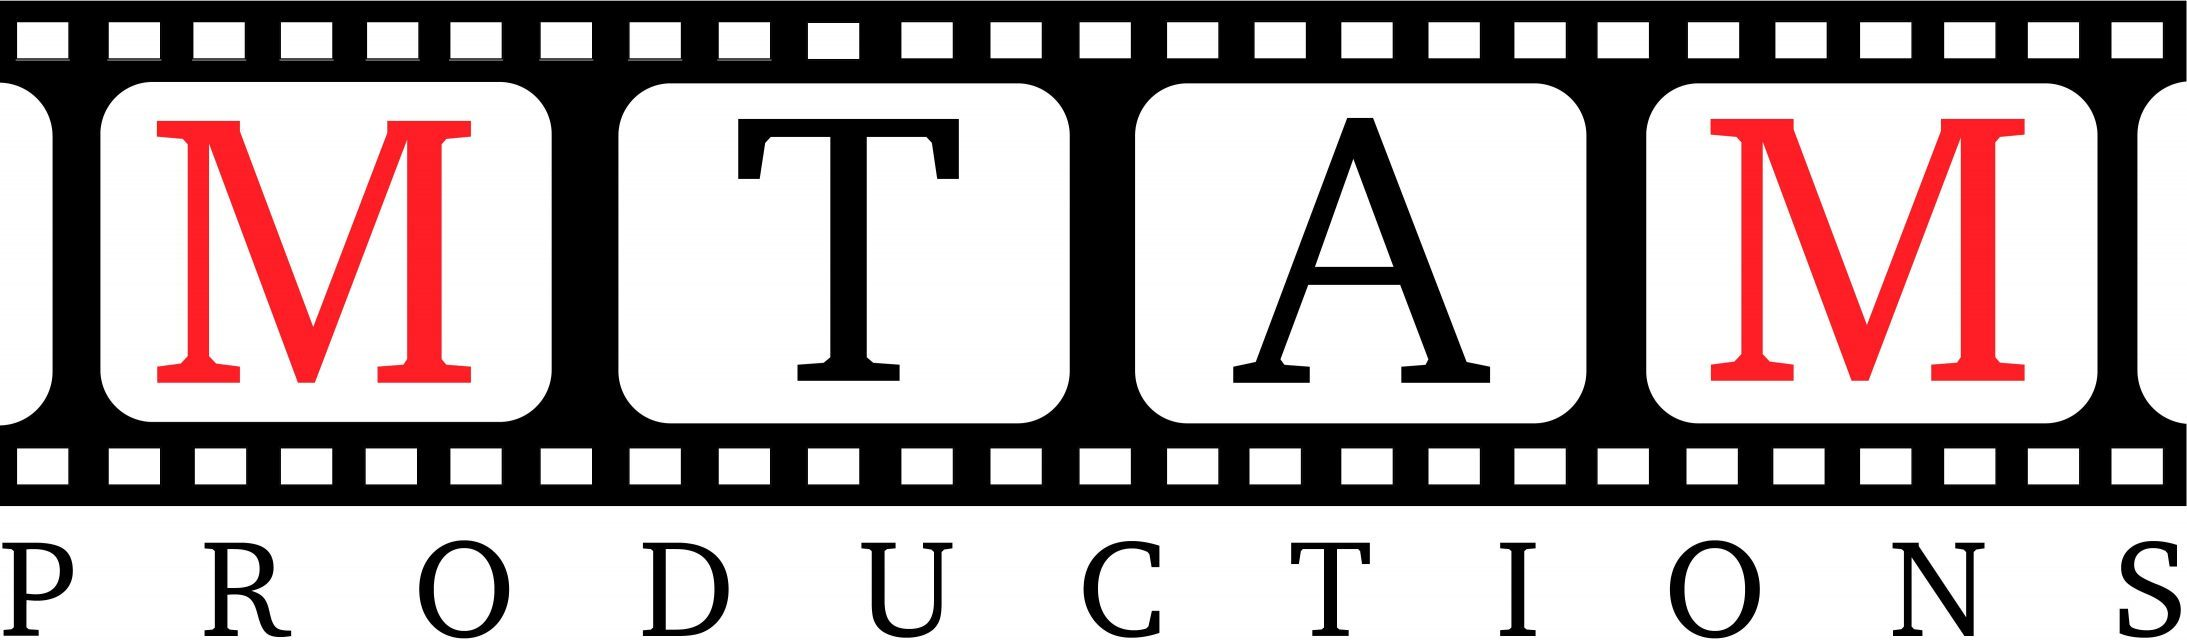 MTAM-Productions - Filmmaker